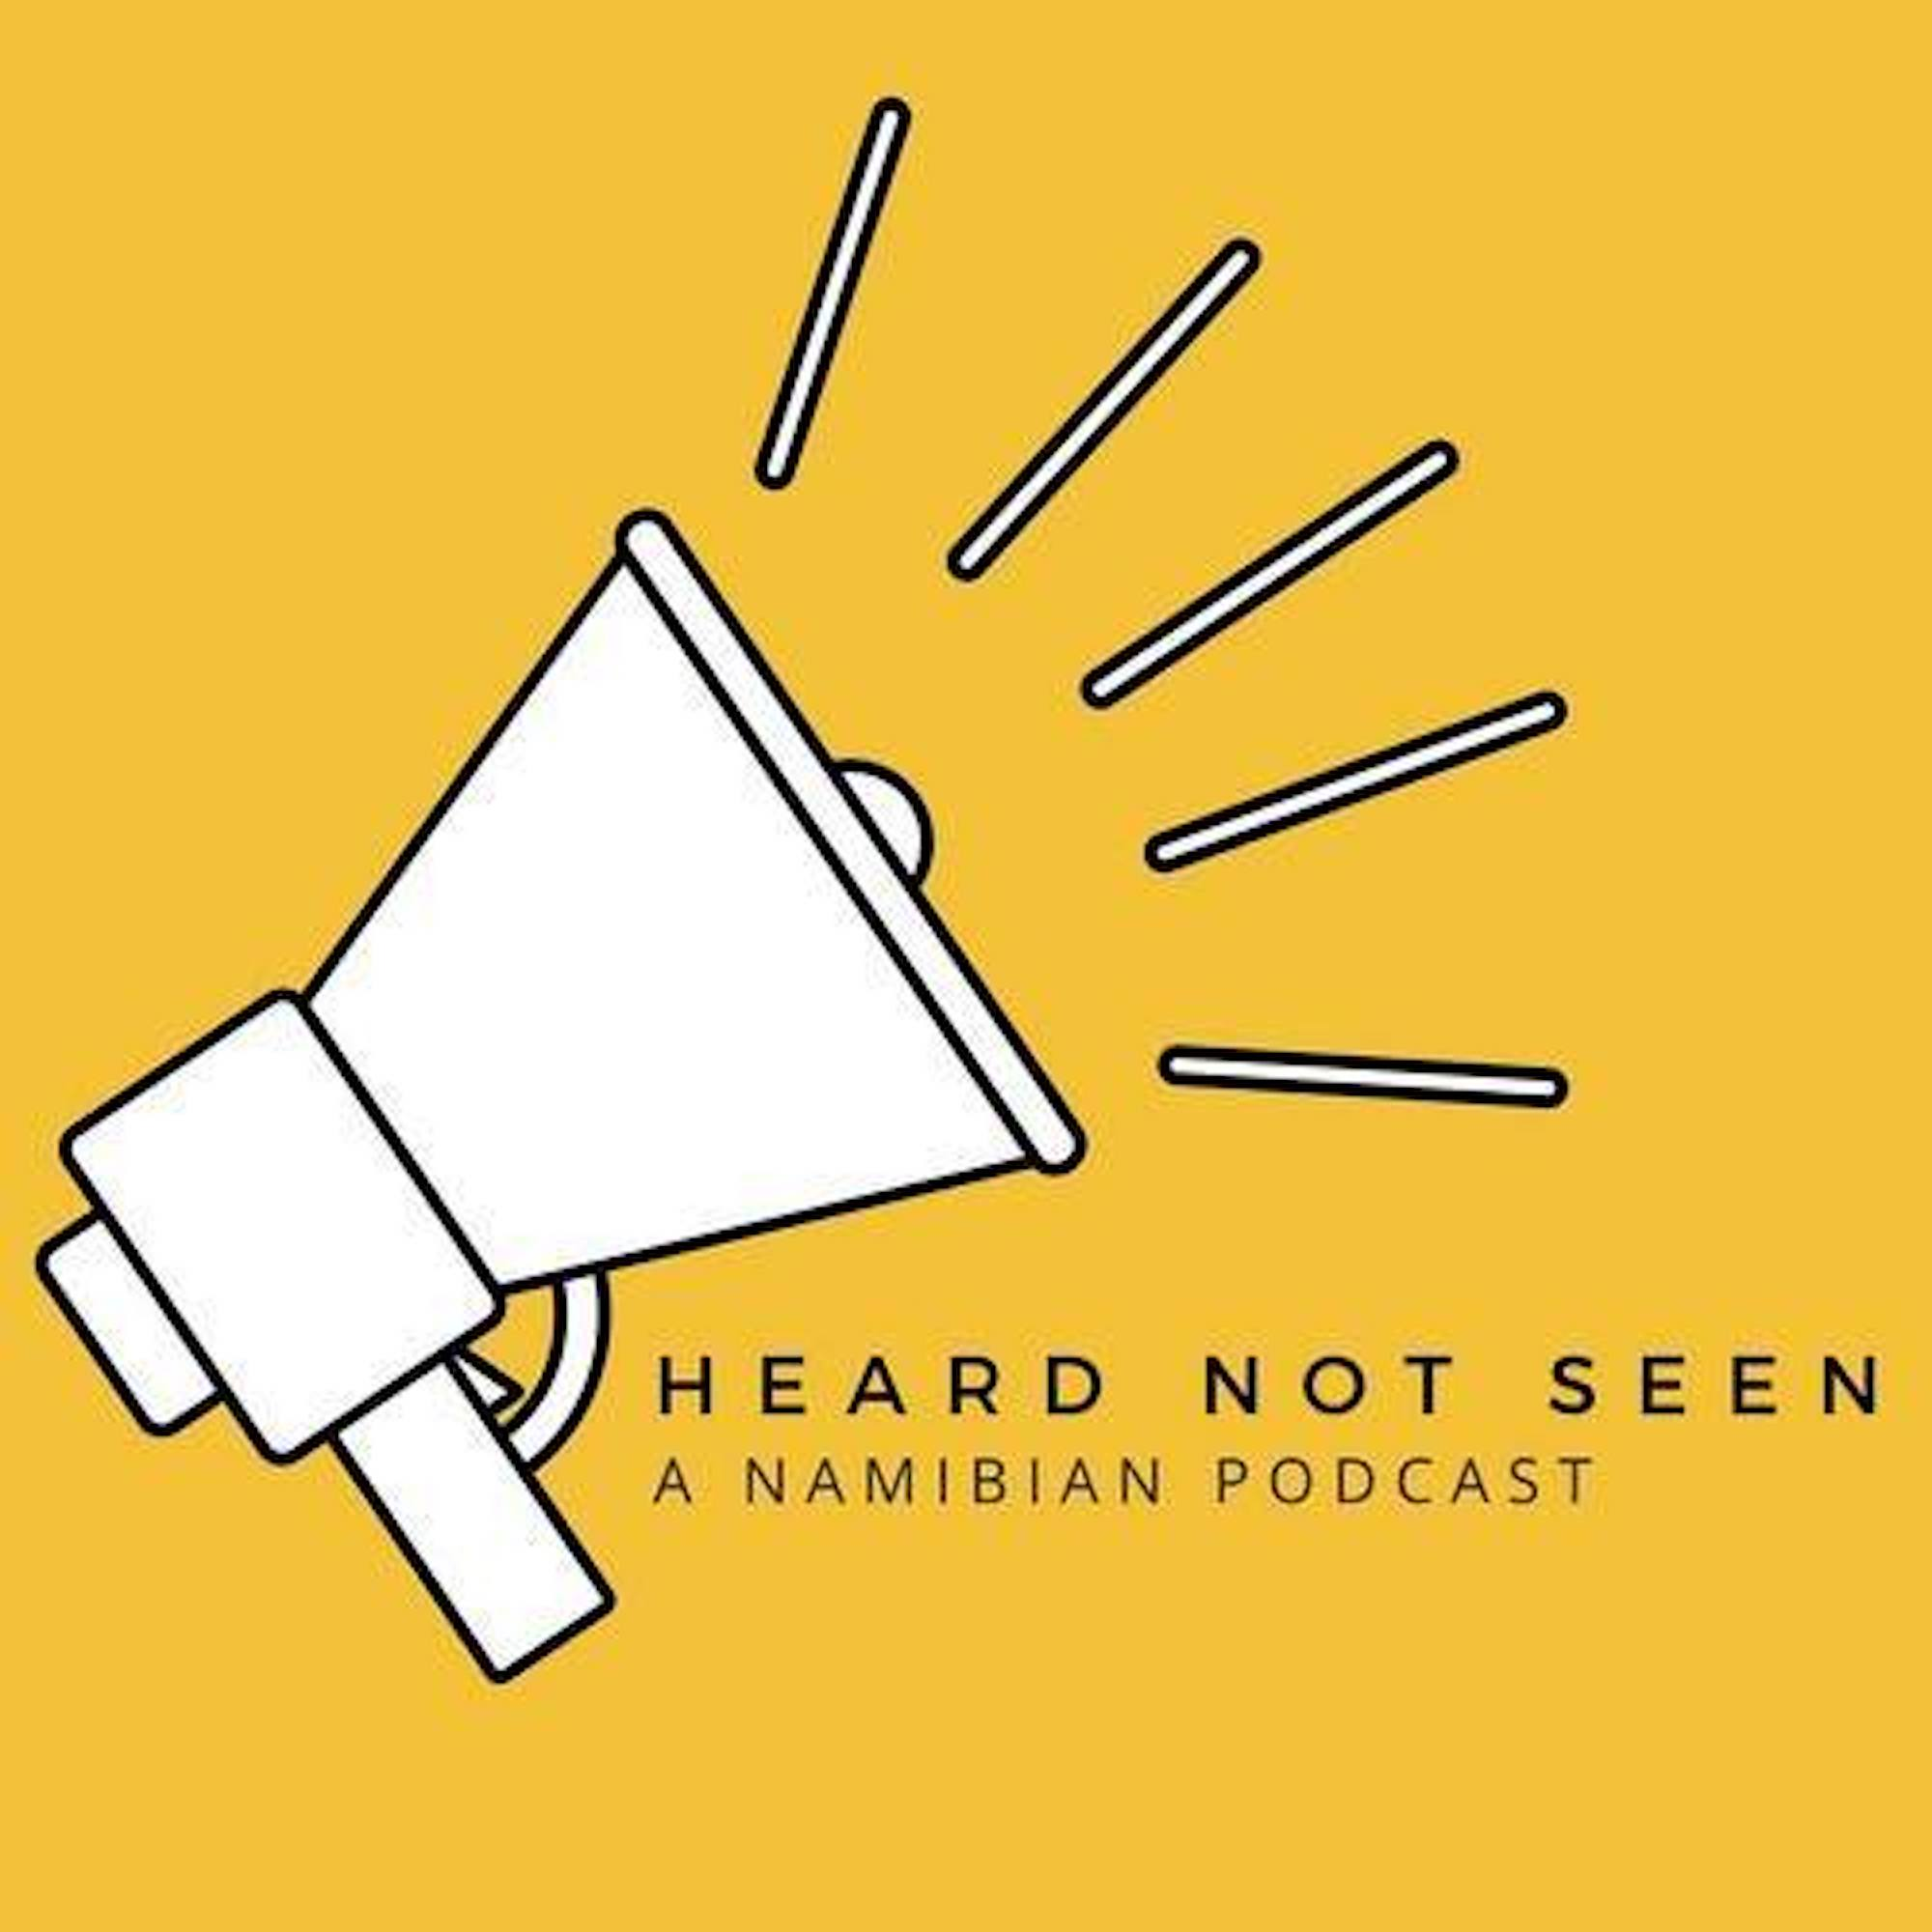 Heard Not Seen Podcast